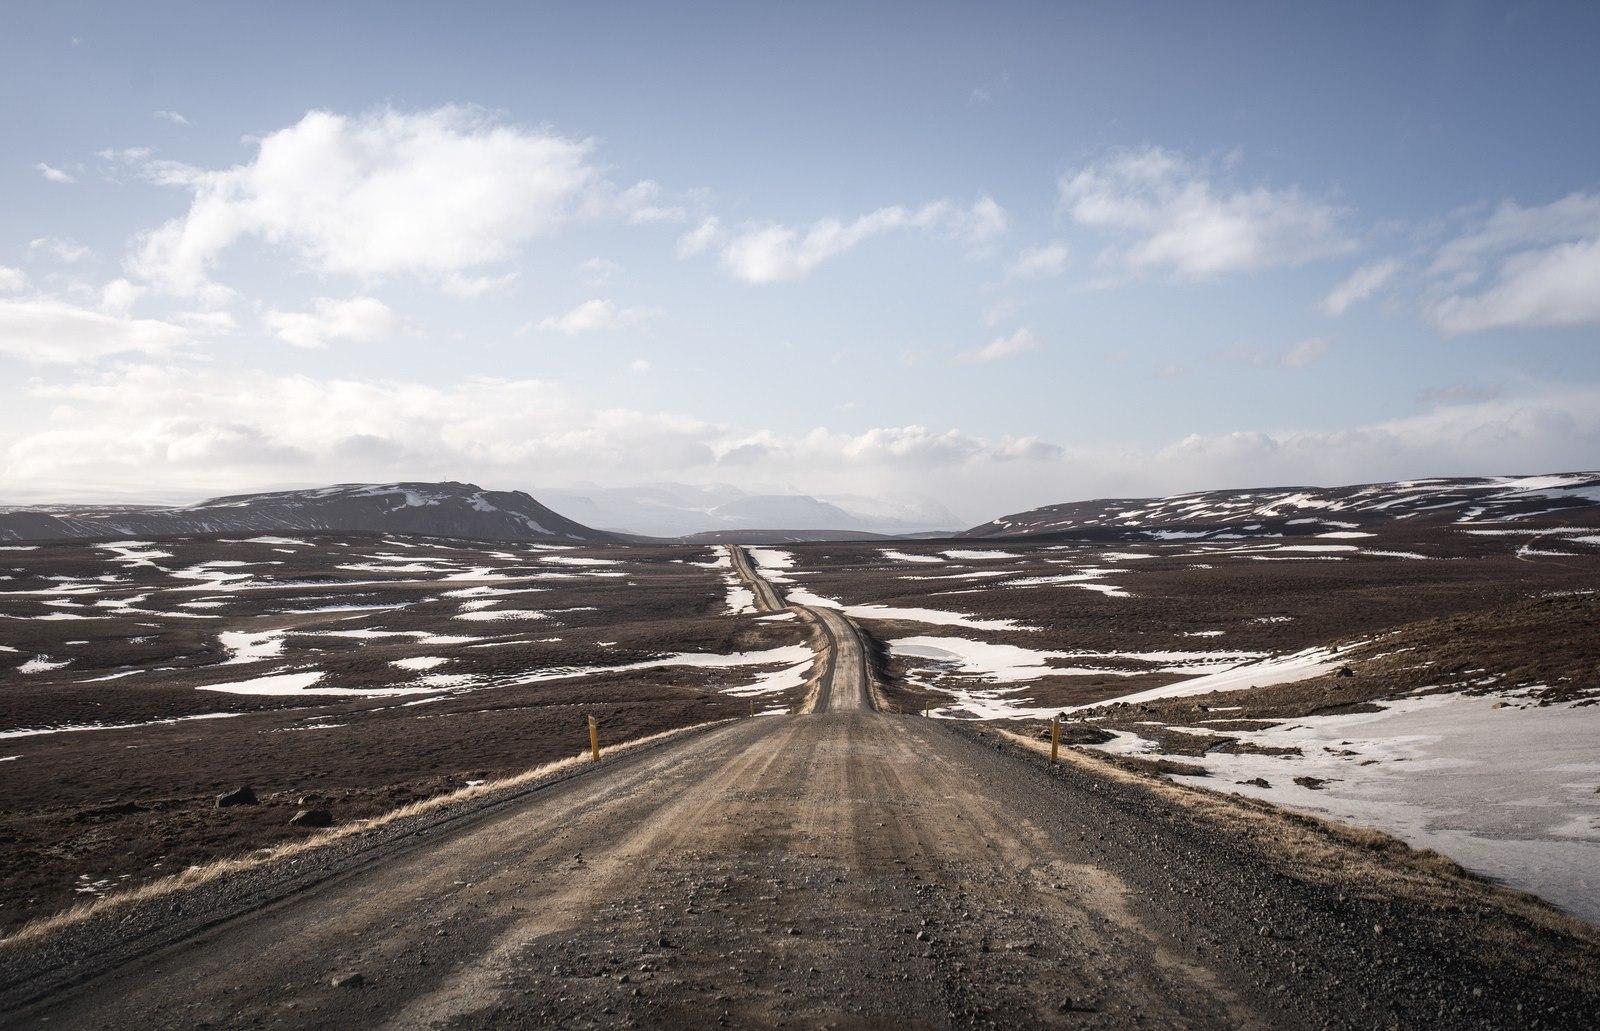 Route non bitumée, typique de l'Islande Mývatn